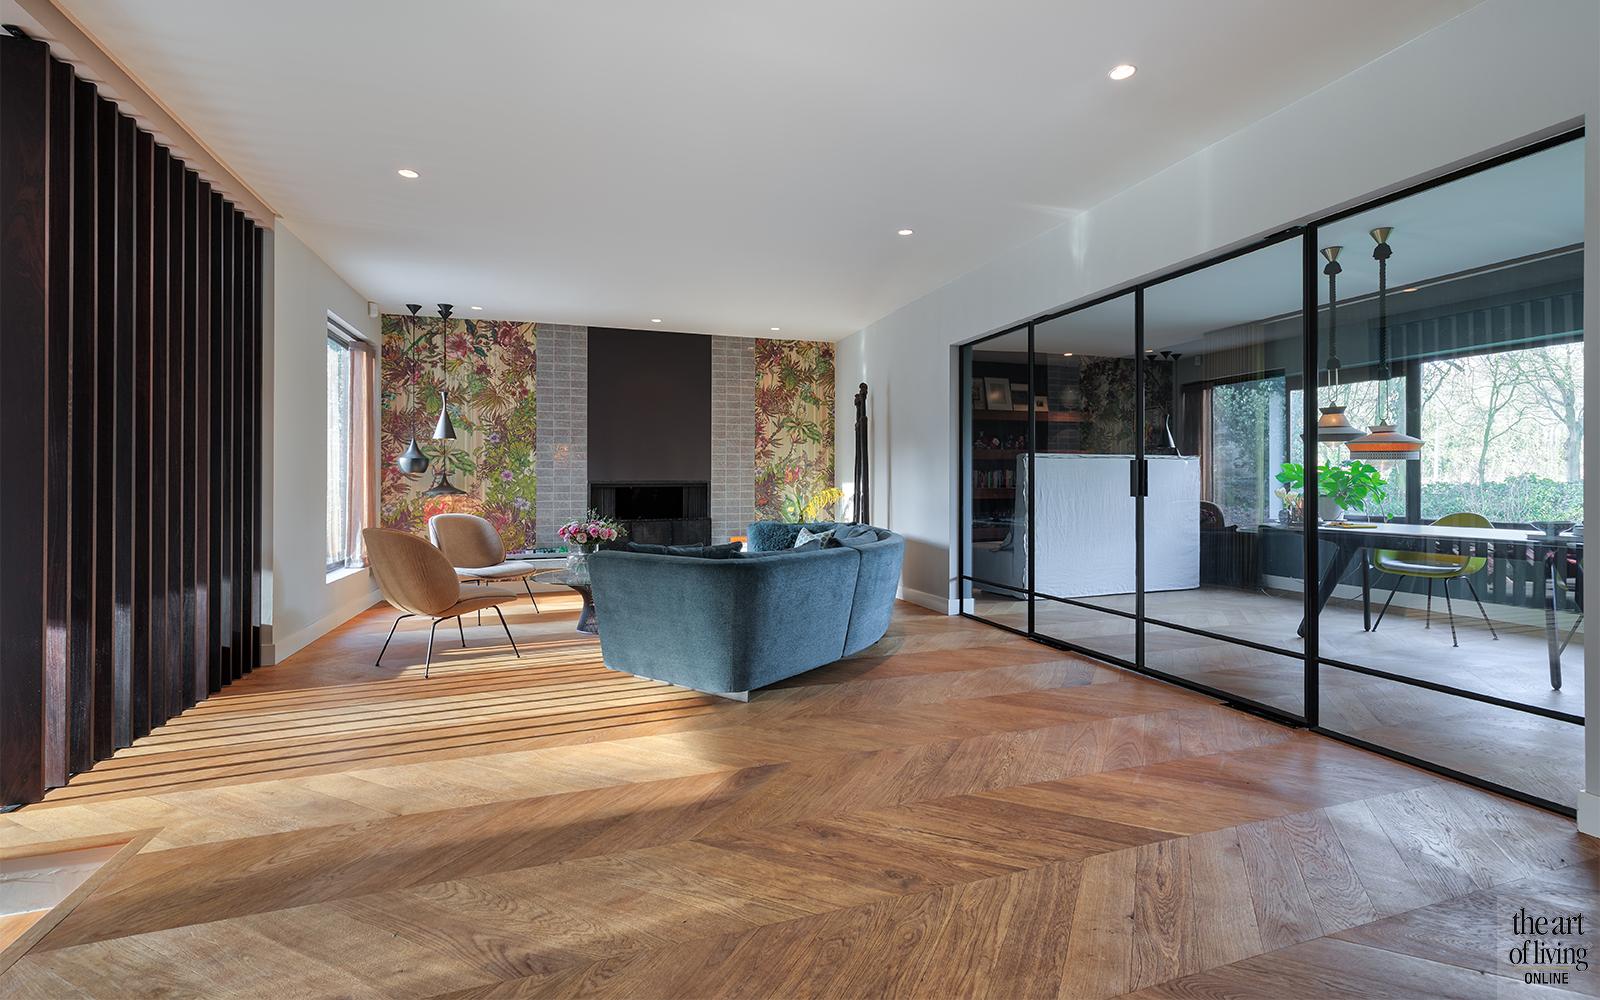 Visgraatvloer, Houten vloer, Sfeervol interieur, Vloeren, Designvloeren, Landelijk interieur, Strak interieur